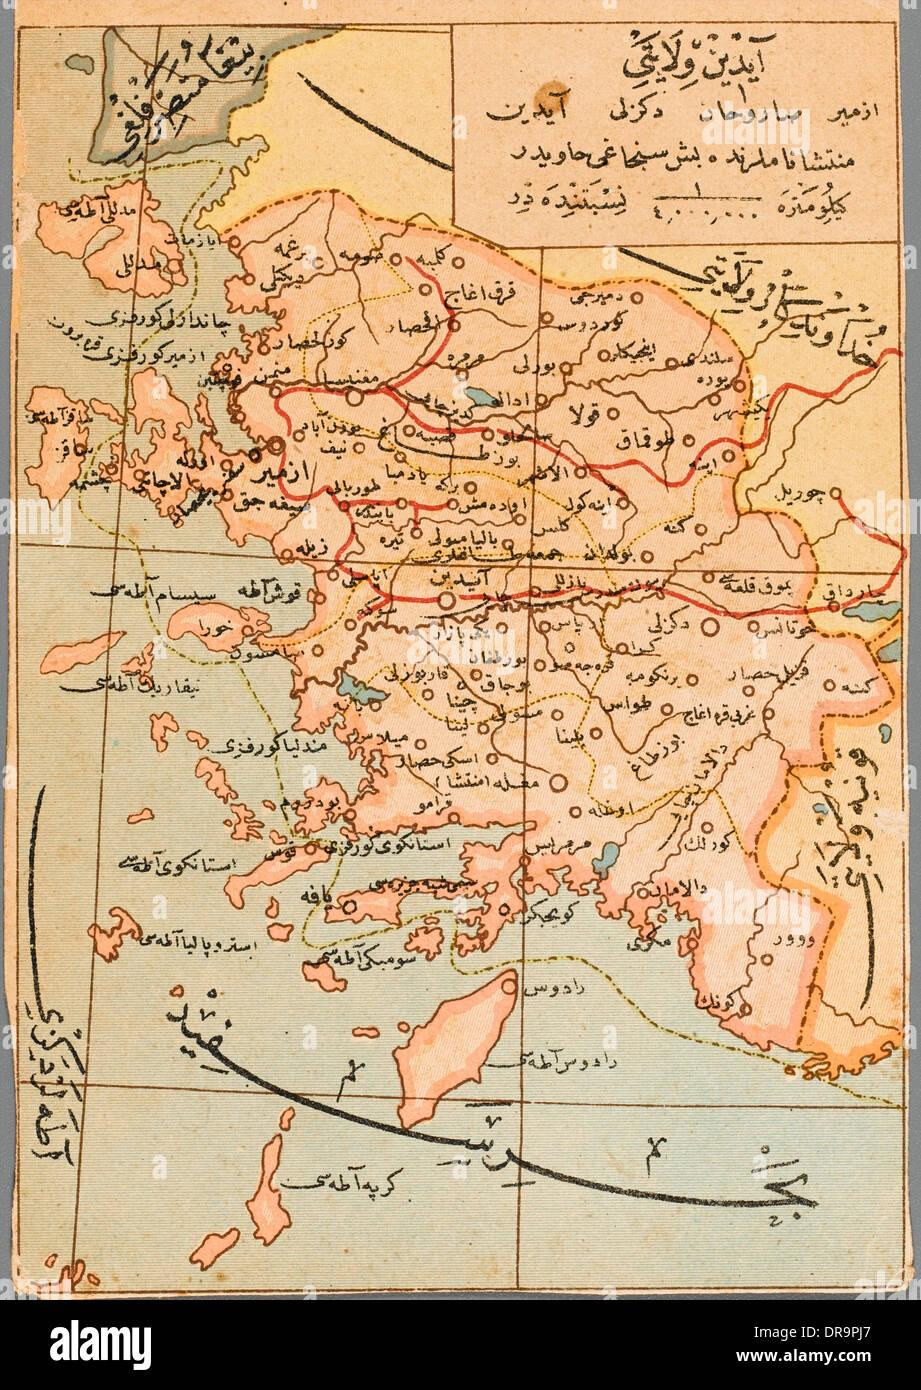 Izmir Region Of Turkey Map Stock Photo Alamy